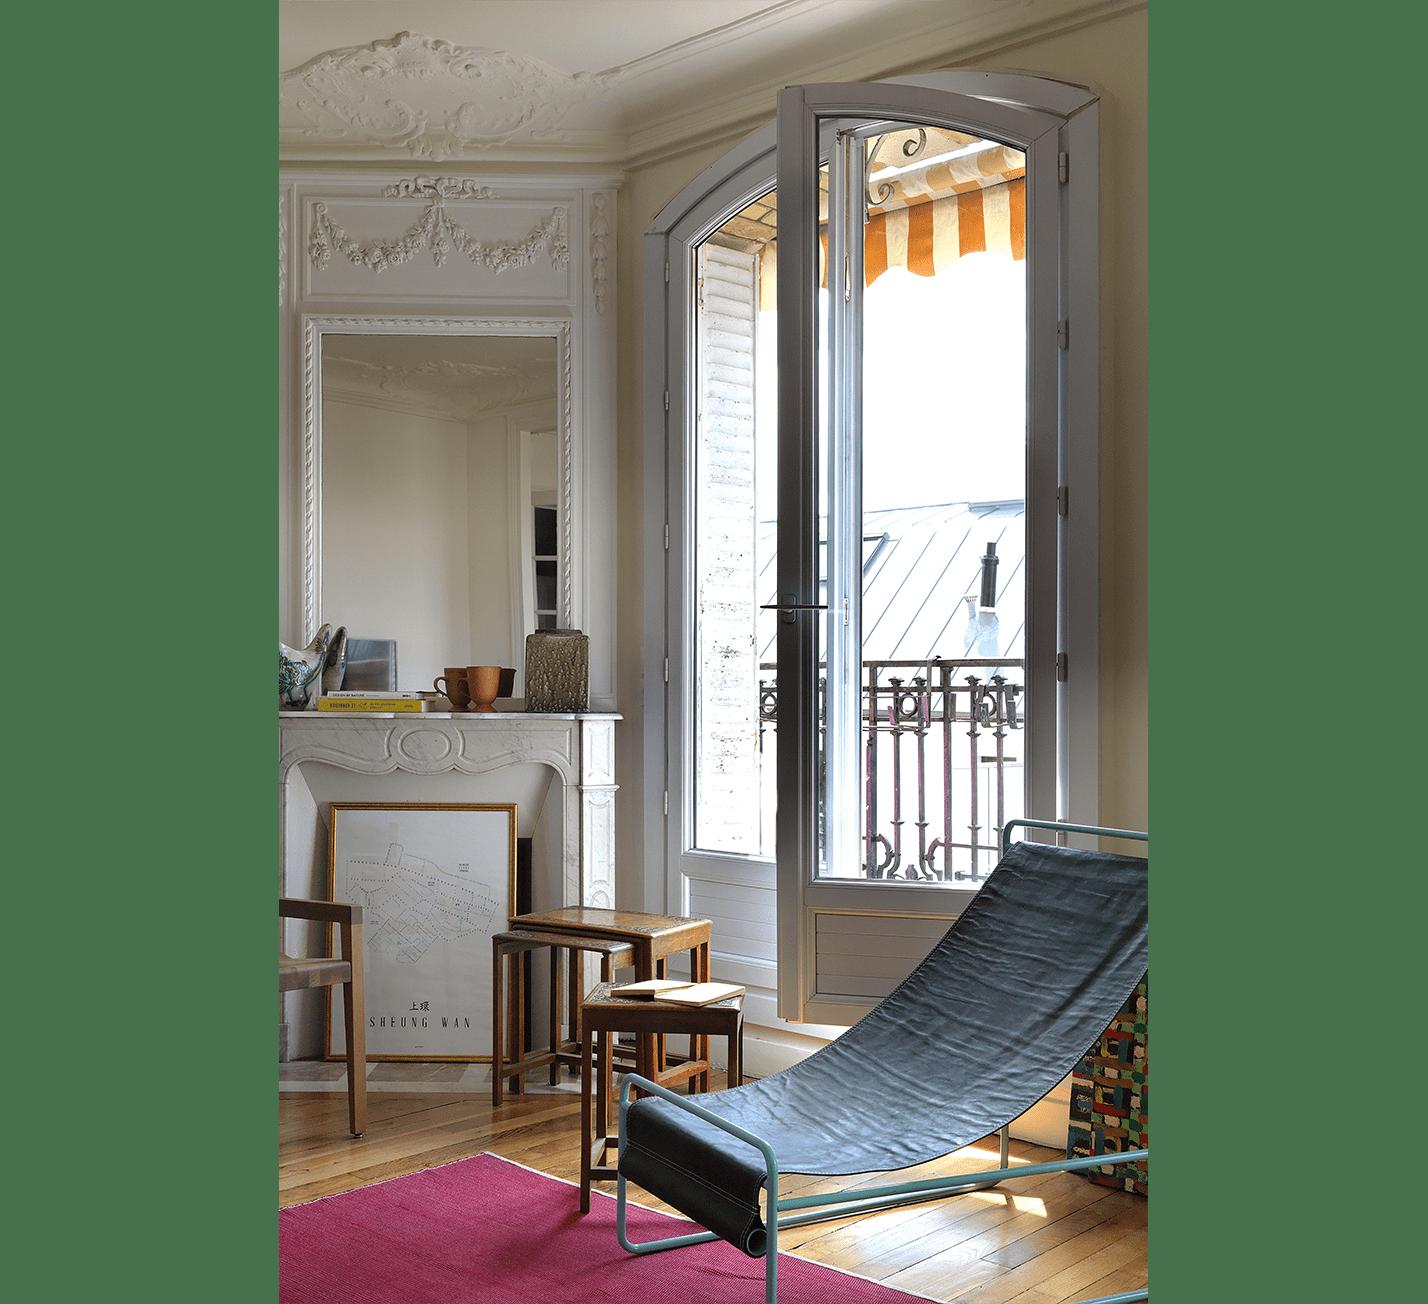 Projet-Felix-Atelier-Steve-Pauline-Borgia-Architecture-interieur-01-min